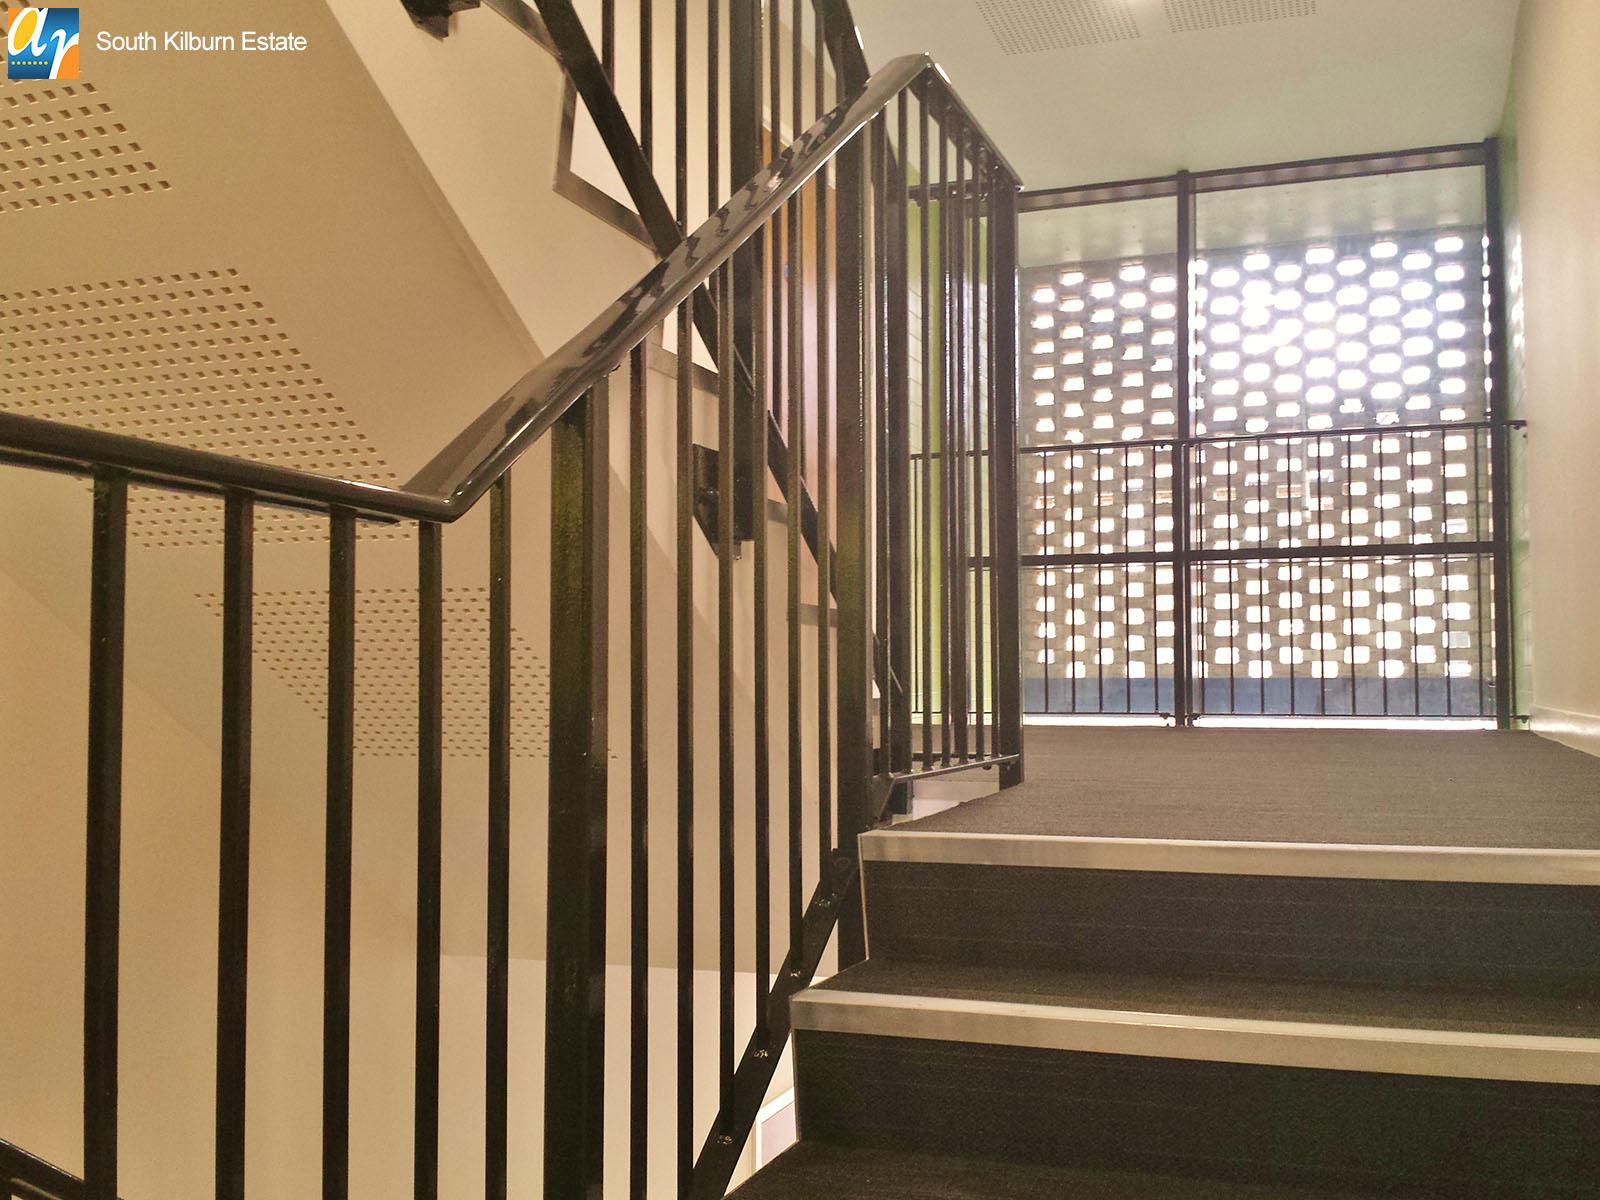 South Kilburn estate metal railings